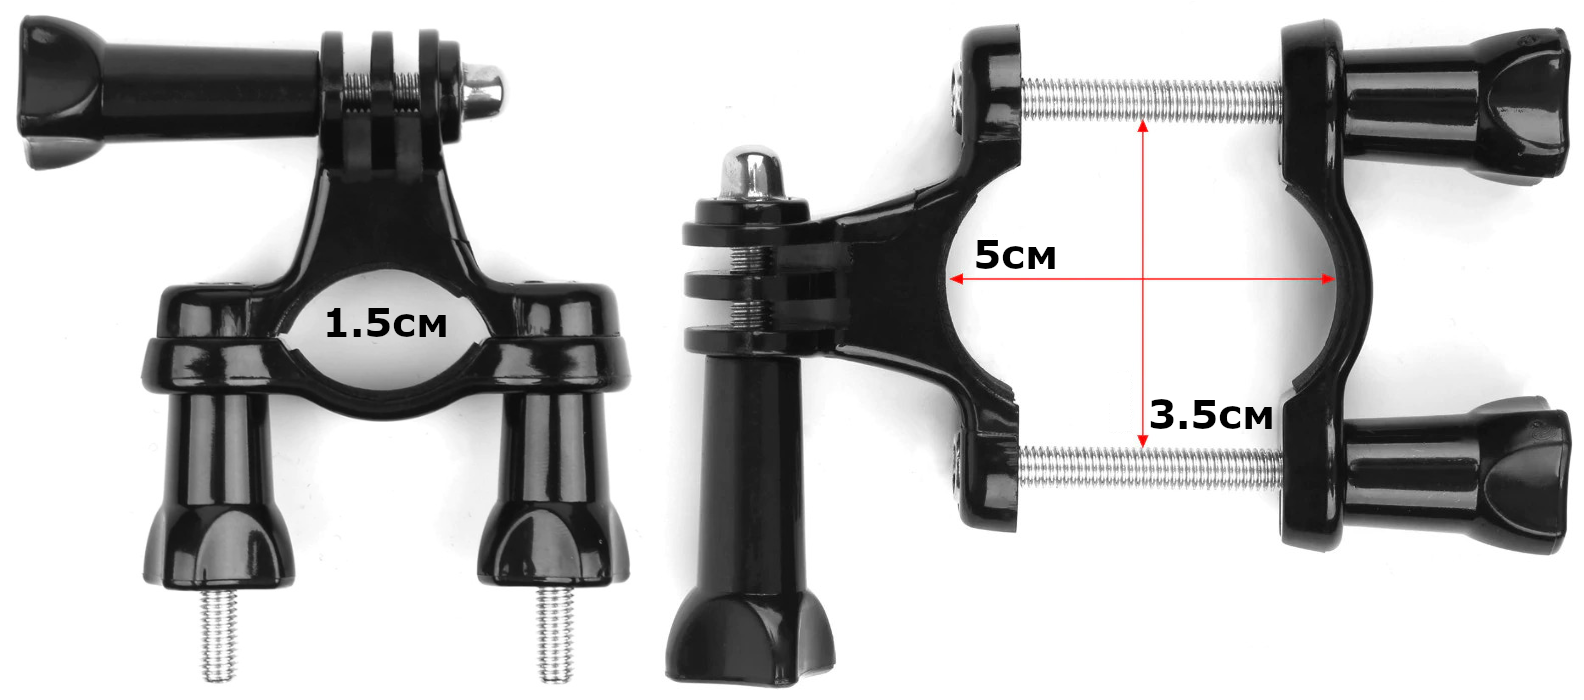 фото диаметра крепления на трубу для экшн-камеры